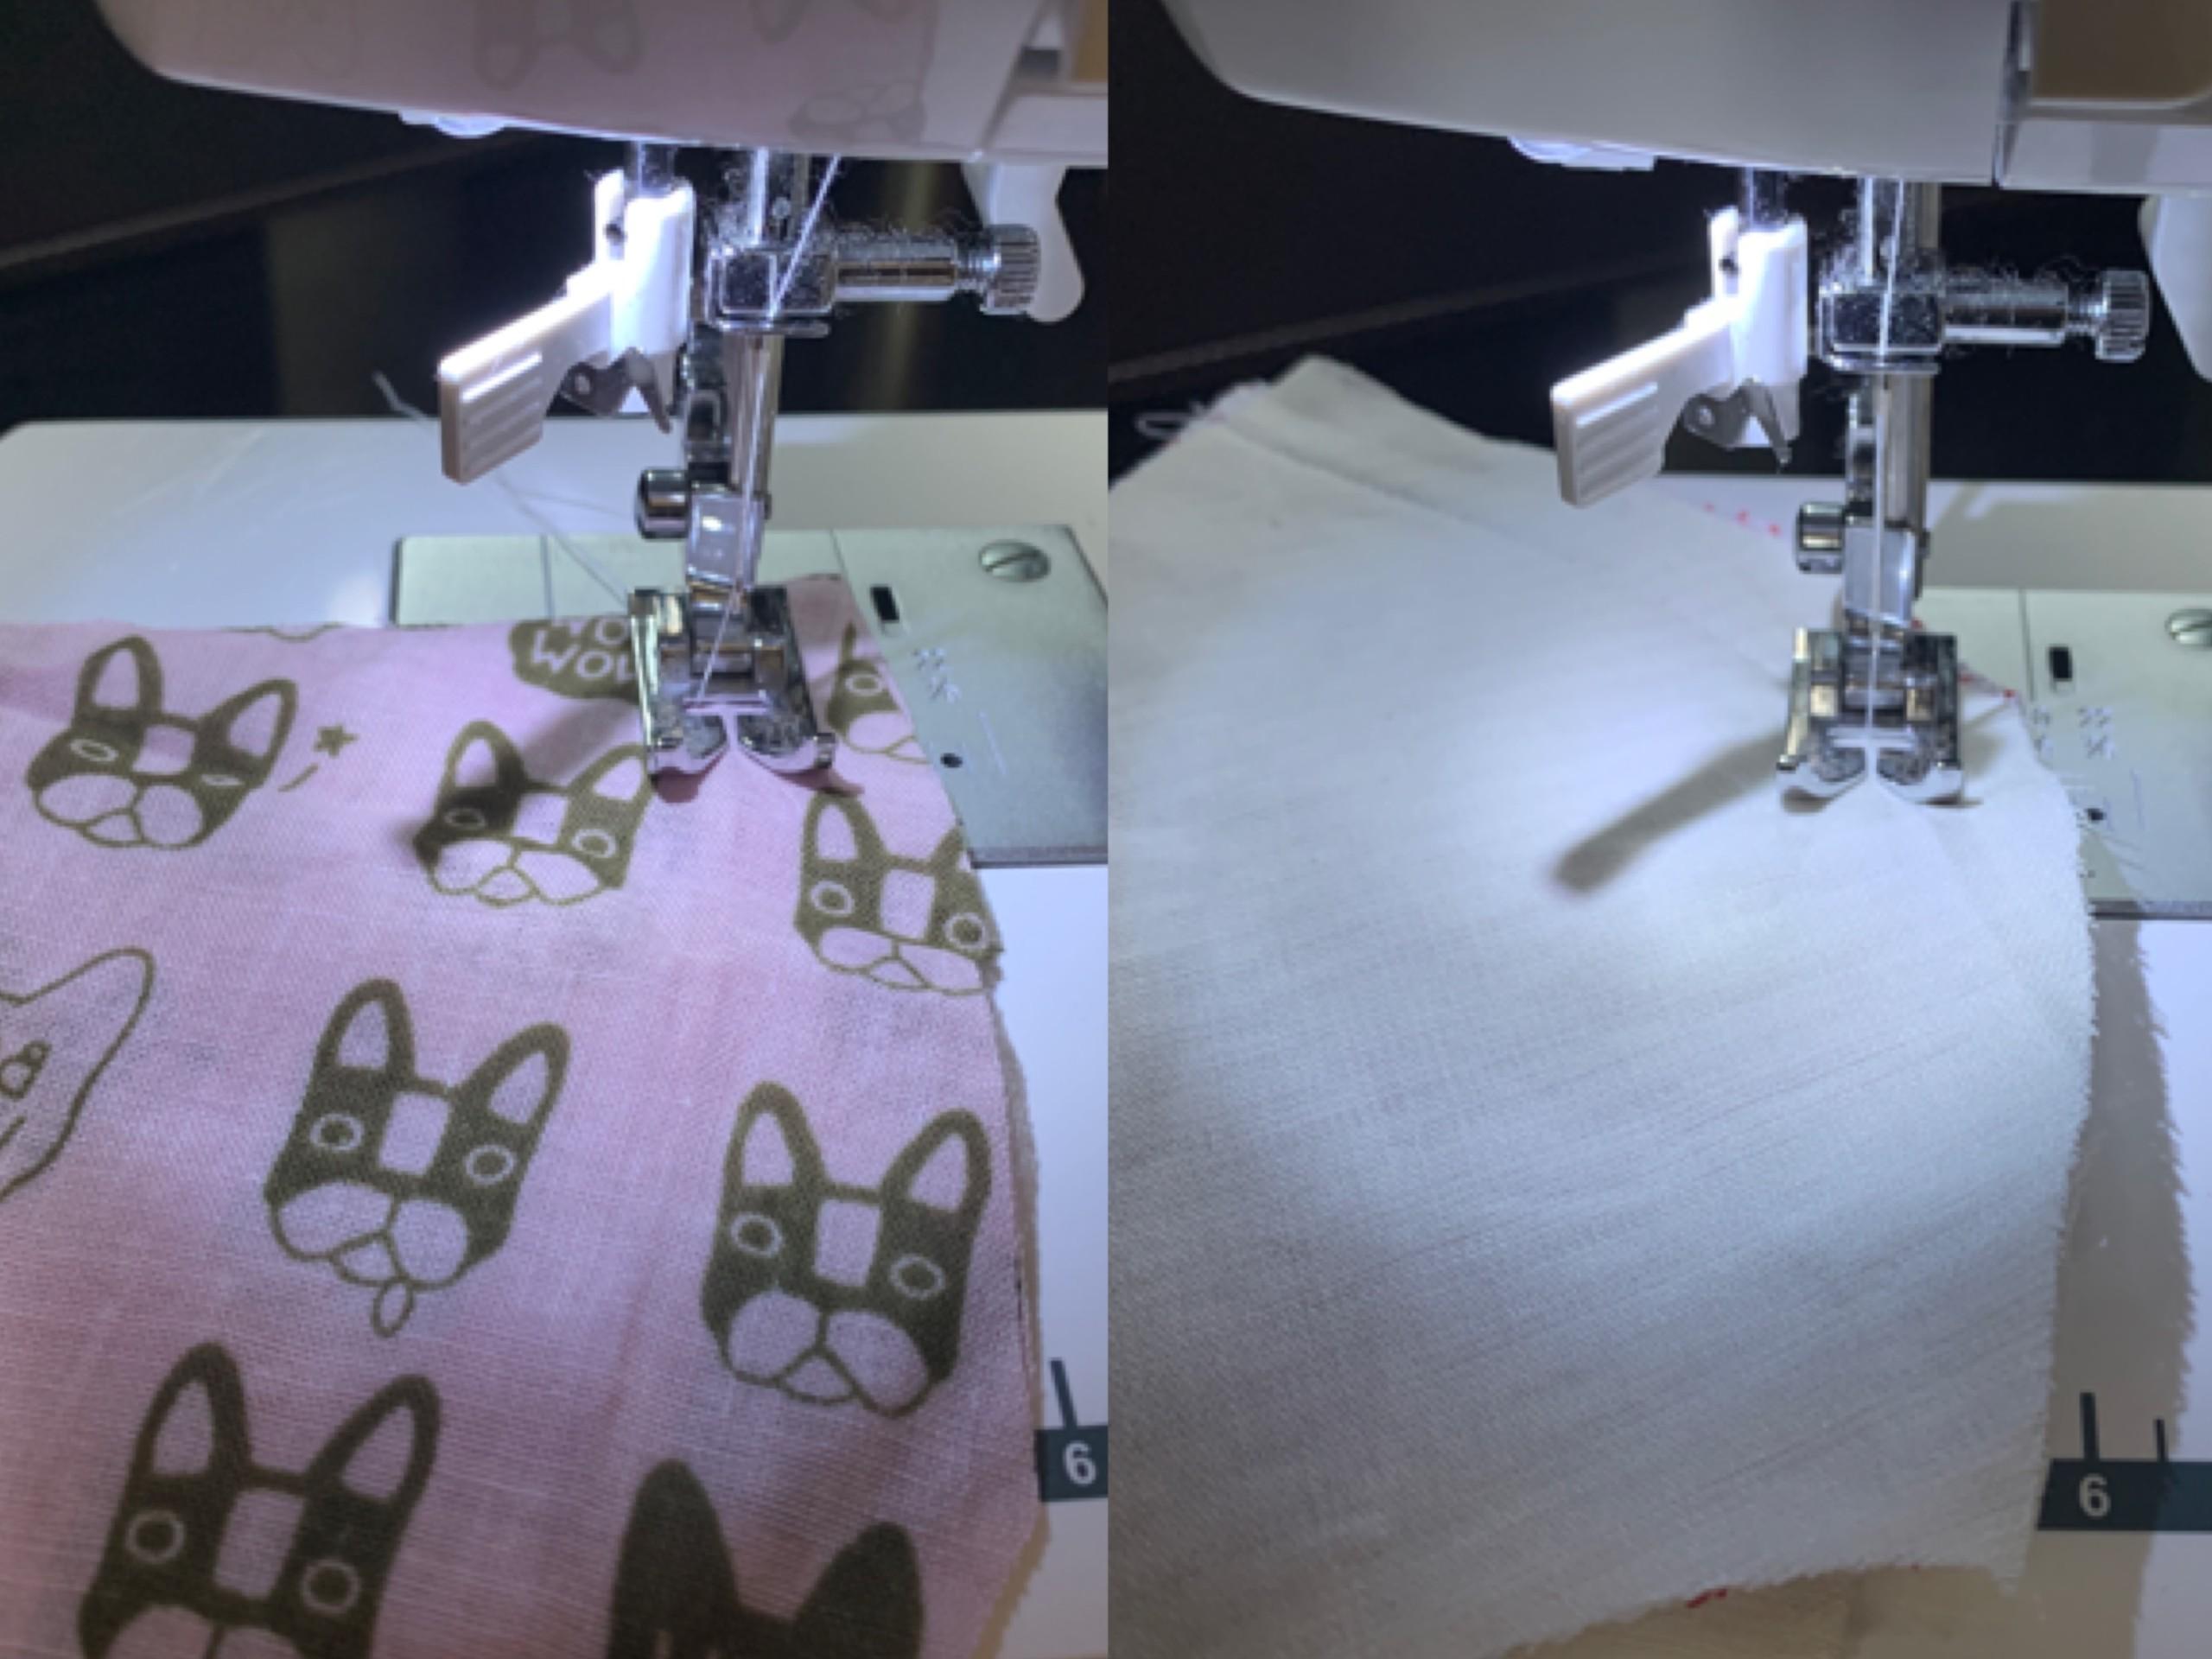 マスク作成のためにミシンで縫っている様子、裏表